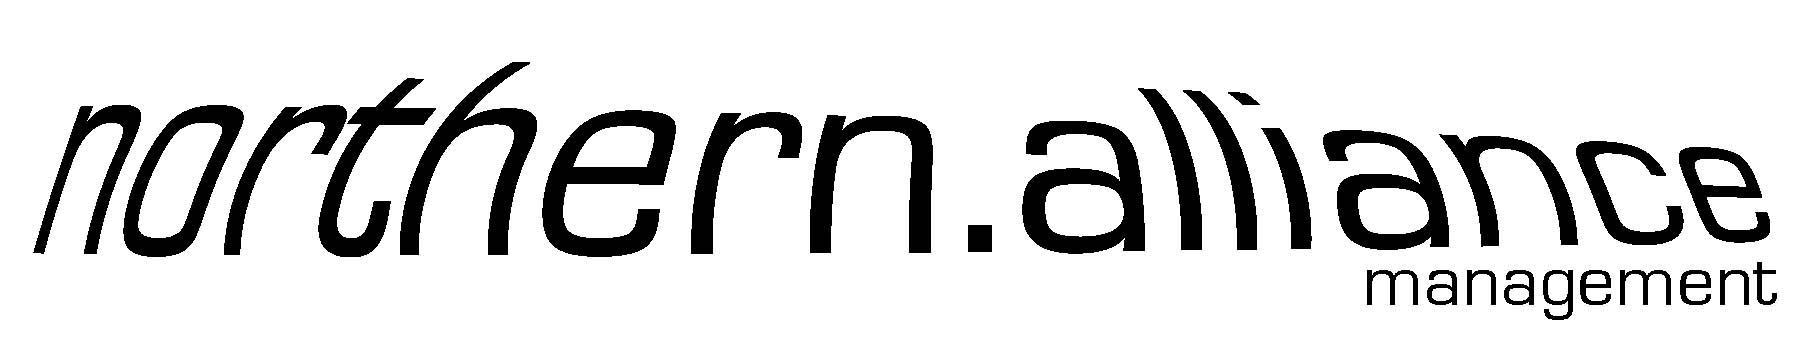 nam-logo-1-copy